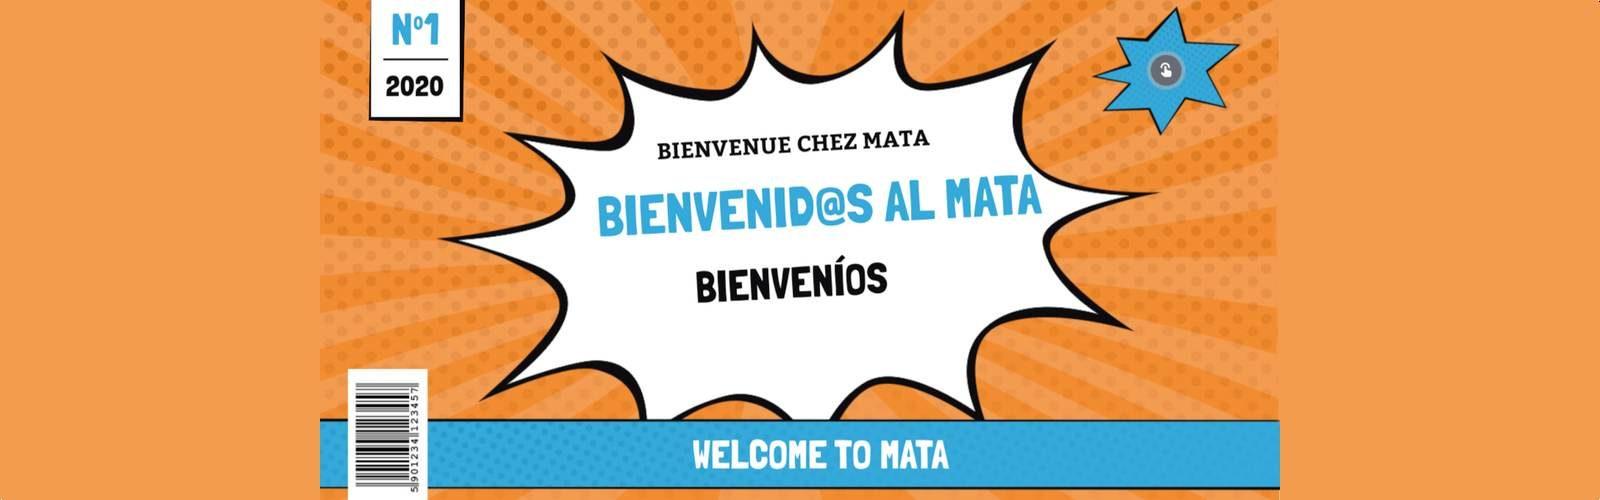 ¡Bienvenid@s al Mata!